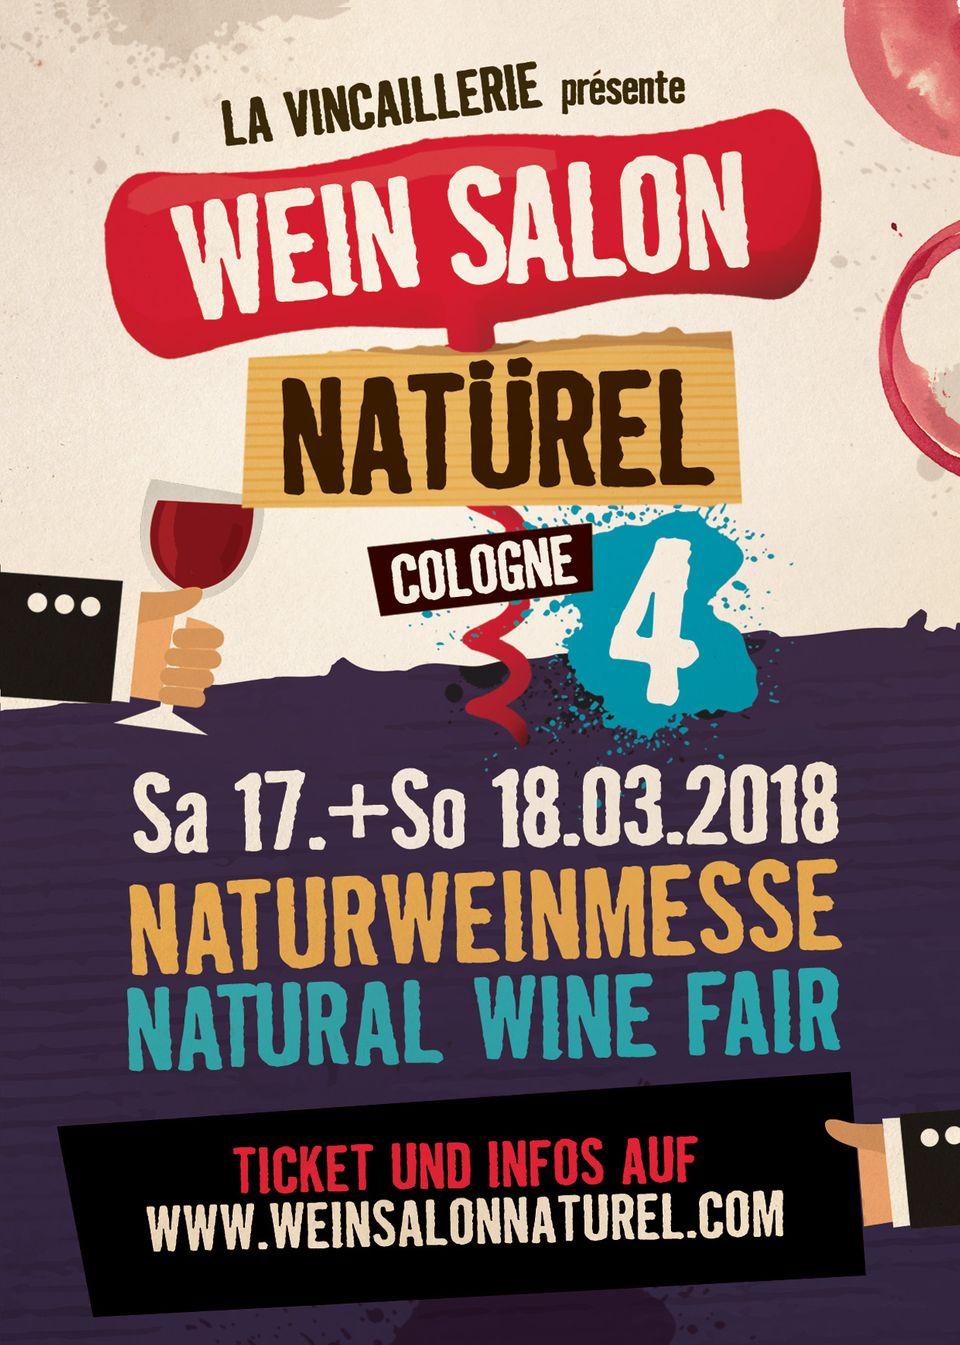 Wein Salon Natürel, Naturweine, Weinmesse Köln, Wein Salon Natürel Köln